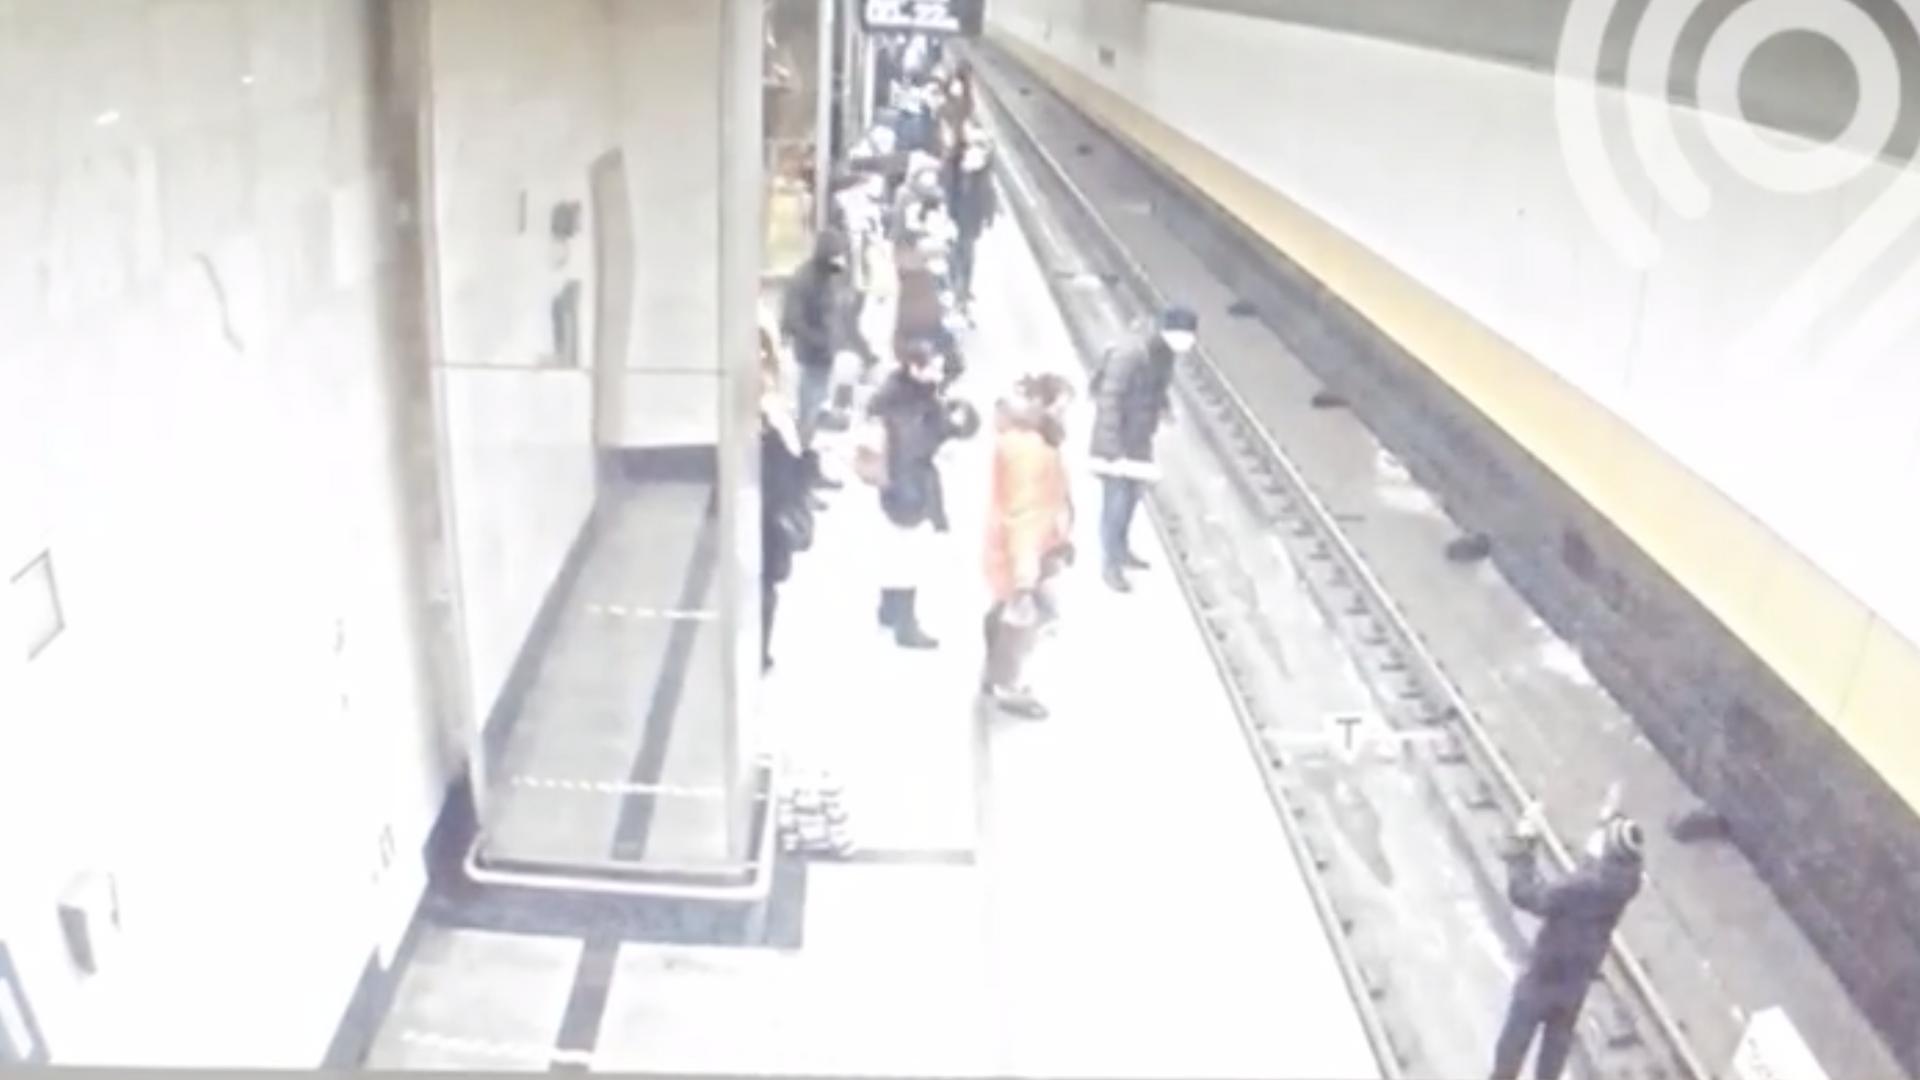 Москвич слез на рельсы станции метро и получил штраф в миллион рублей